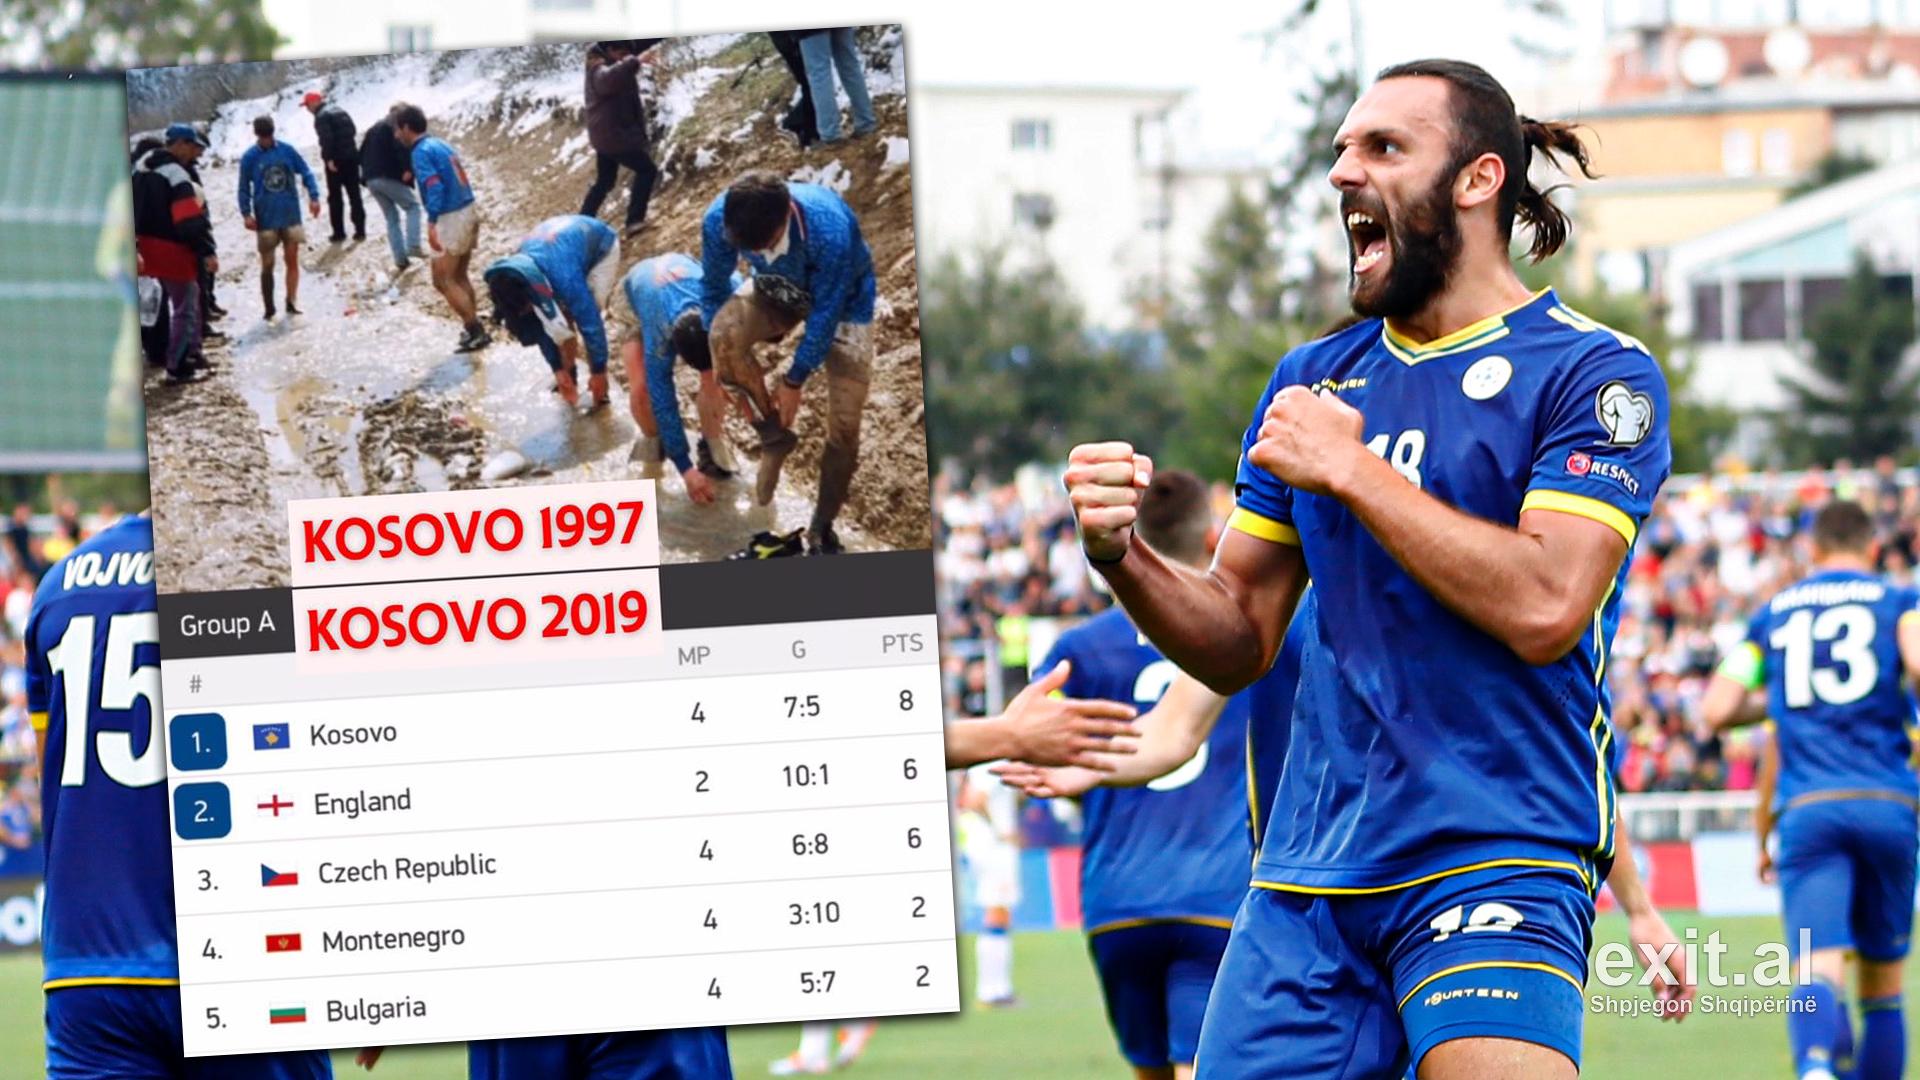 Si u bë përfaqësuesja e Kosovës skuadra me serinë e rezultateve më të mira në Evropë